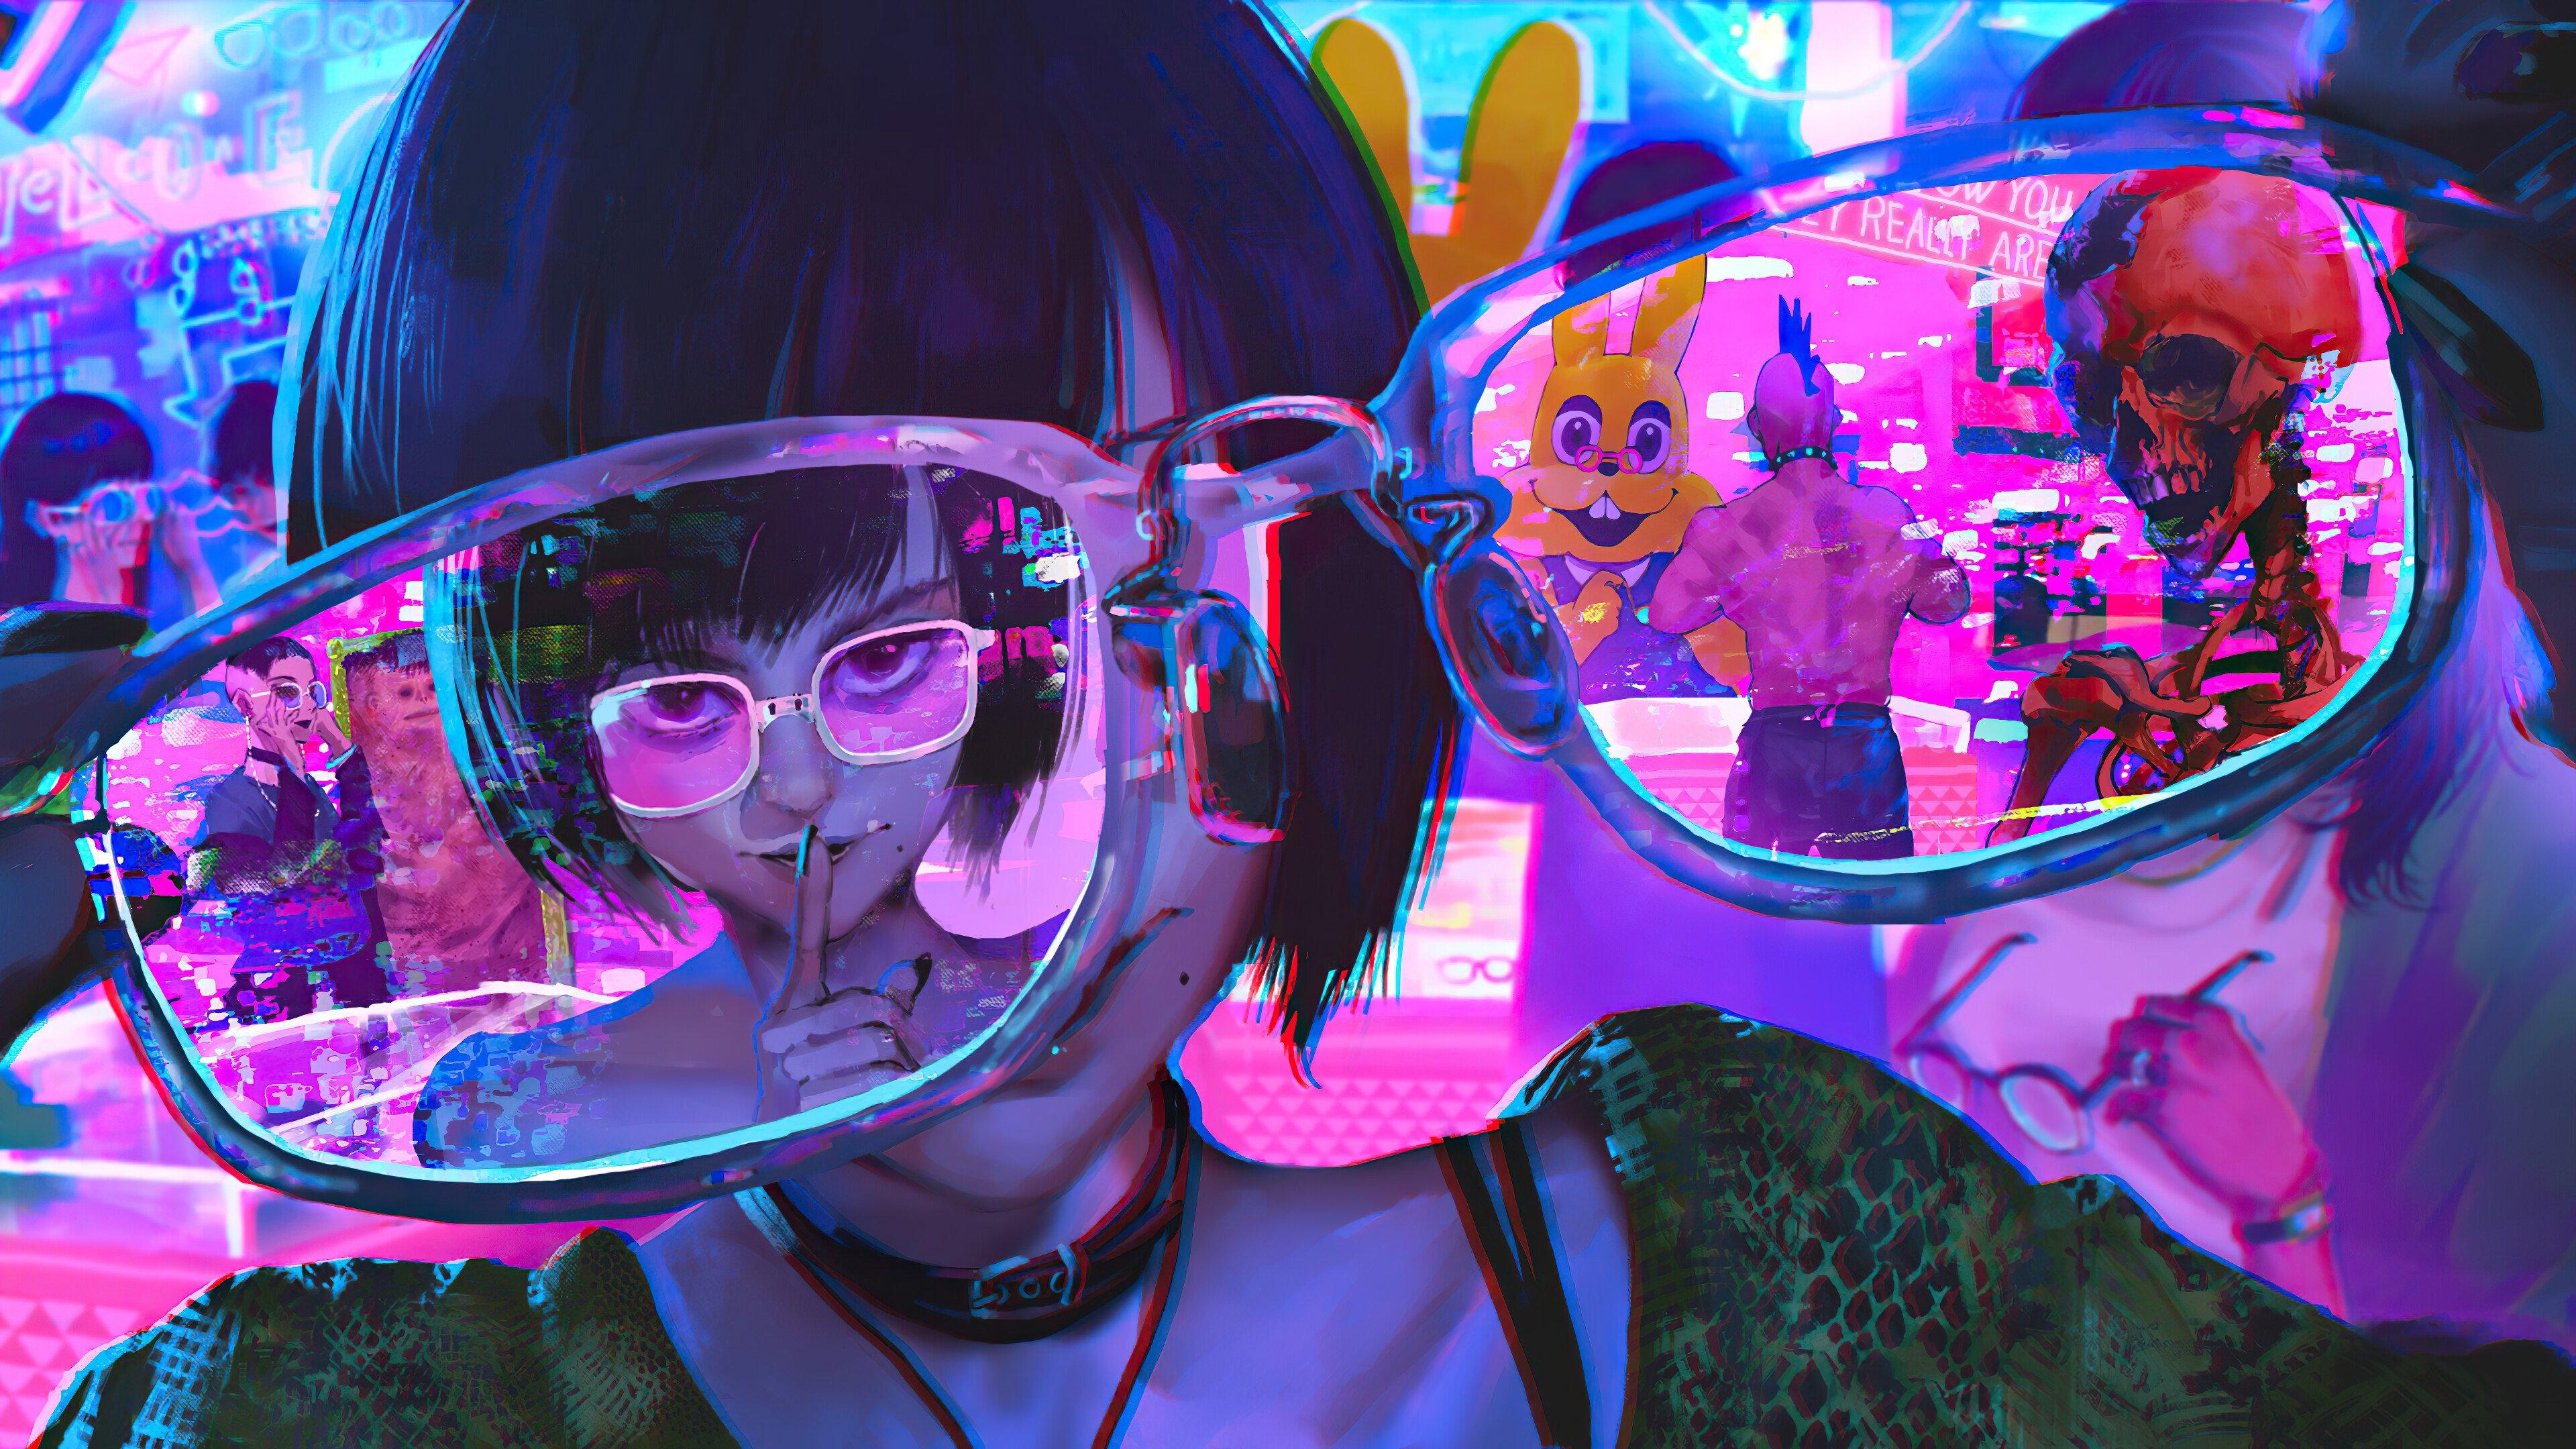 Fondos de pantalla Chica Cyberpunk a través de lentes